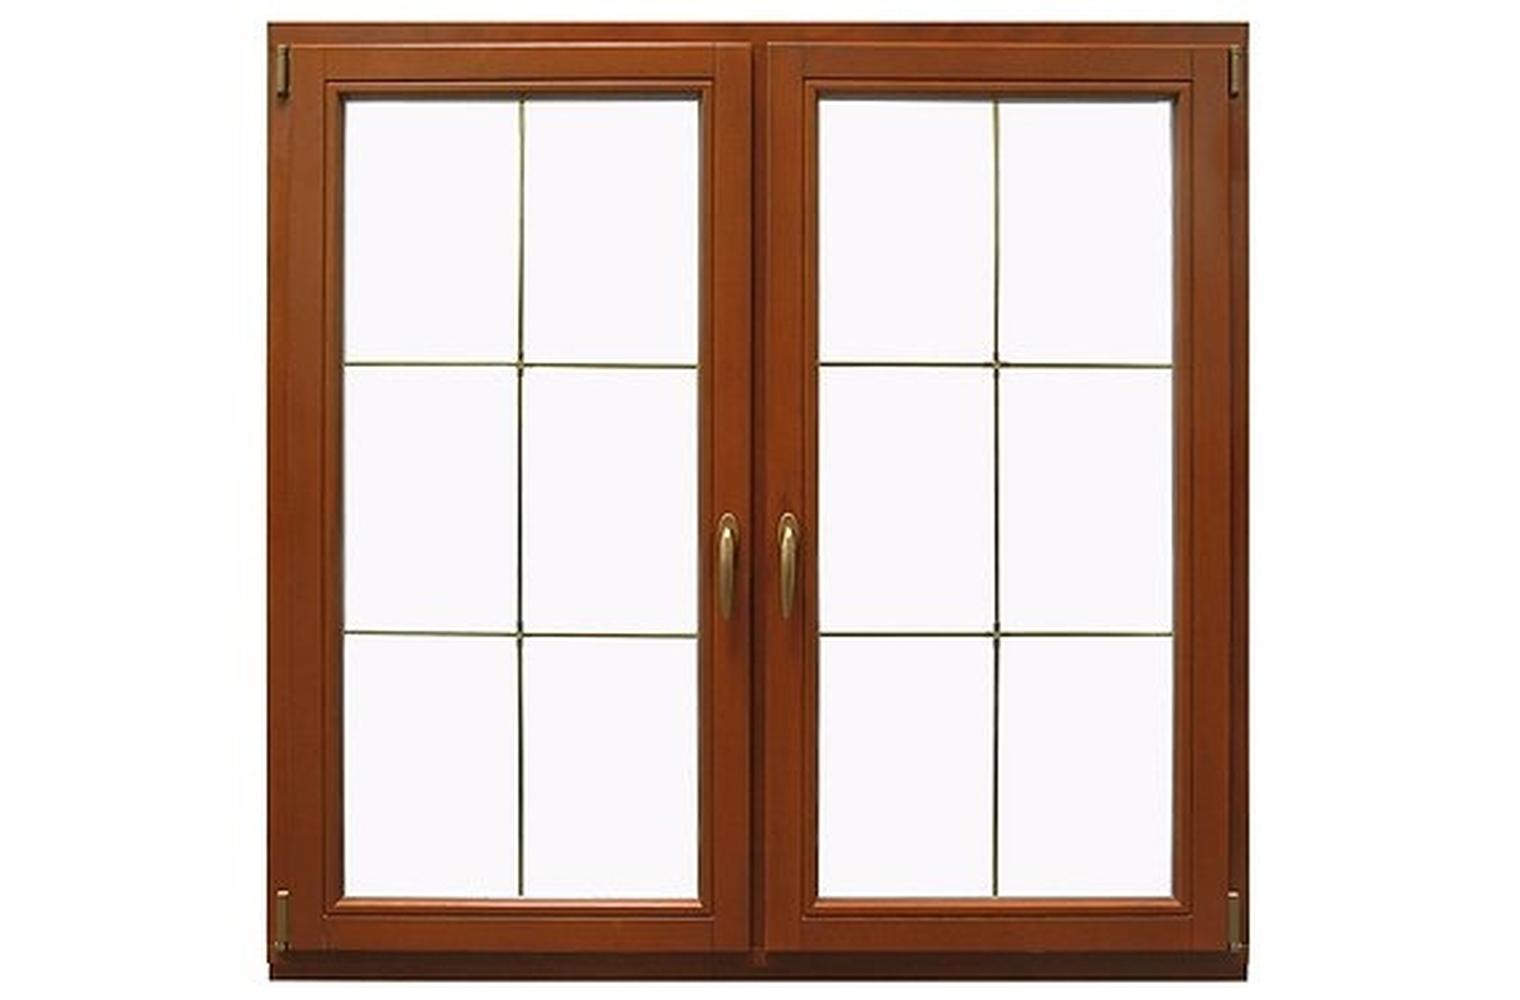 Fenster im landhausstil authentische gestaltung - Sprossenfenster innenliegende sprossen ...